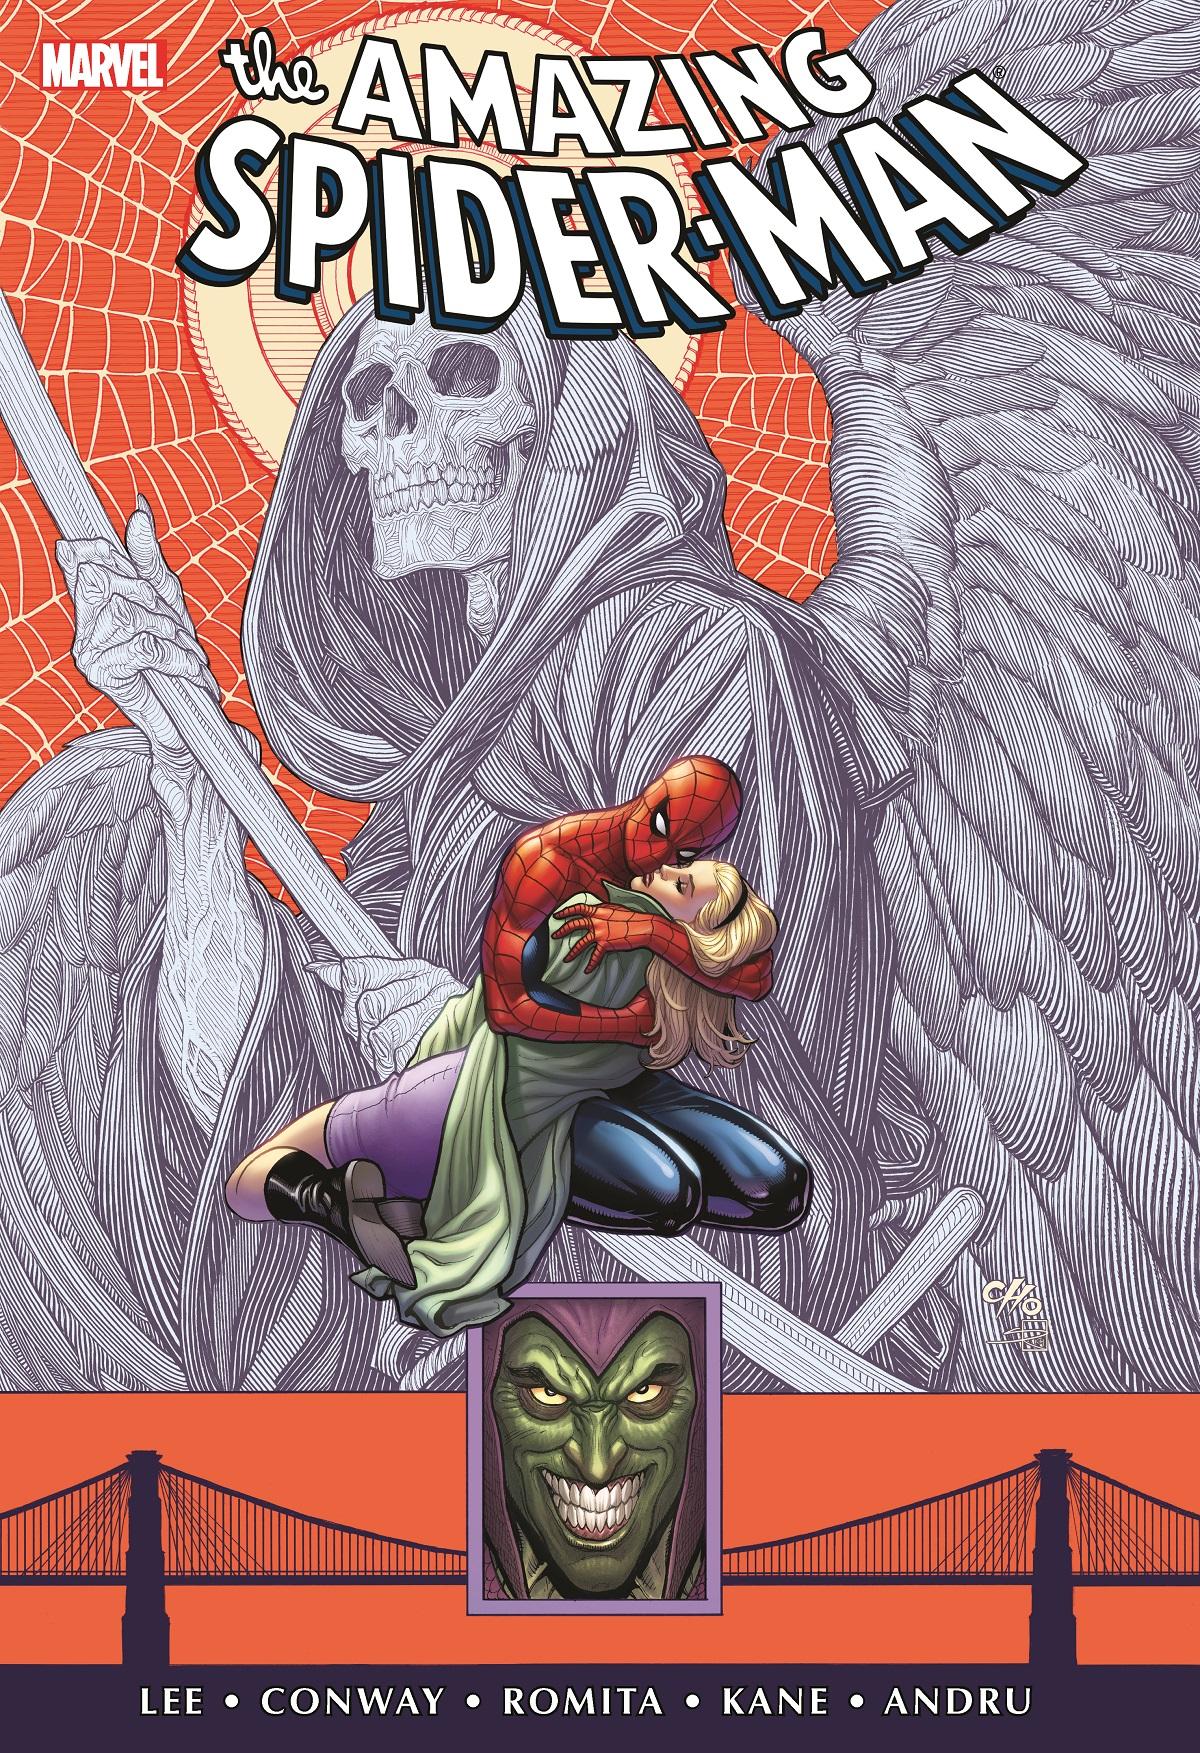 The Amazing Spider-Man Omnibus Vol. 4 (Hardcover)